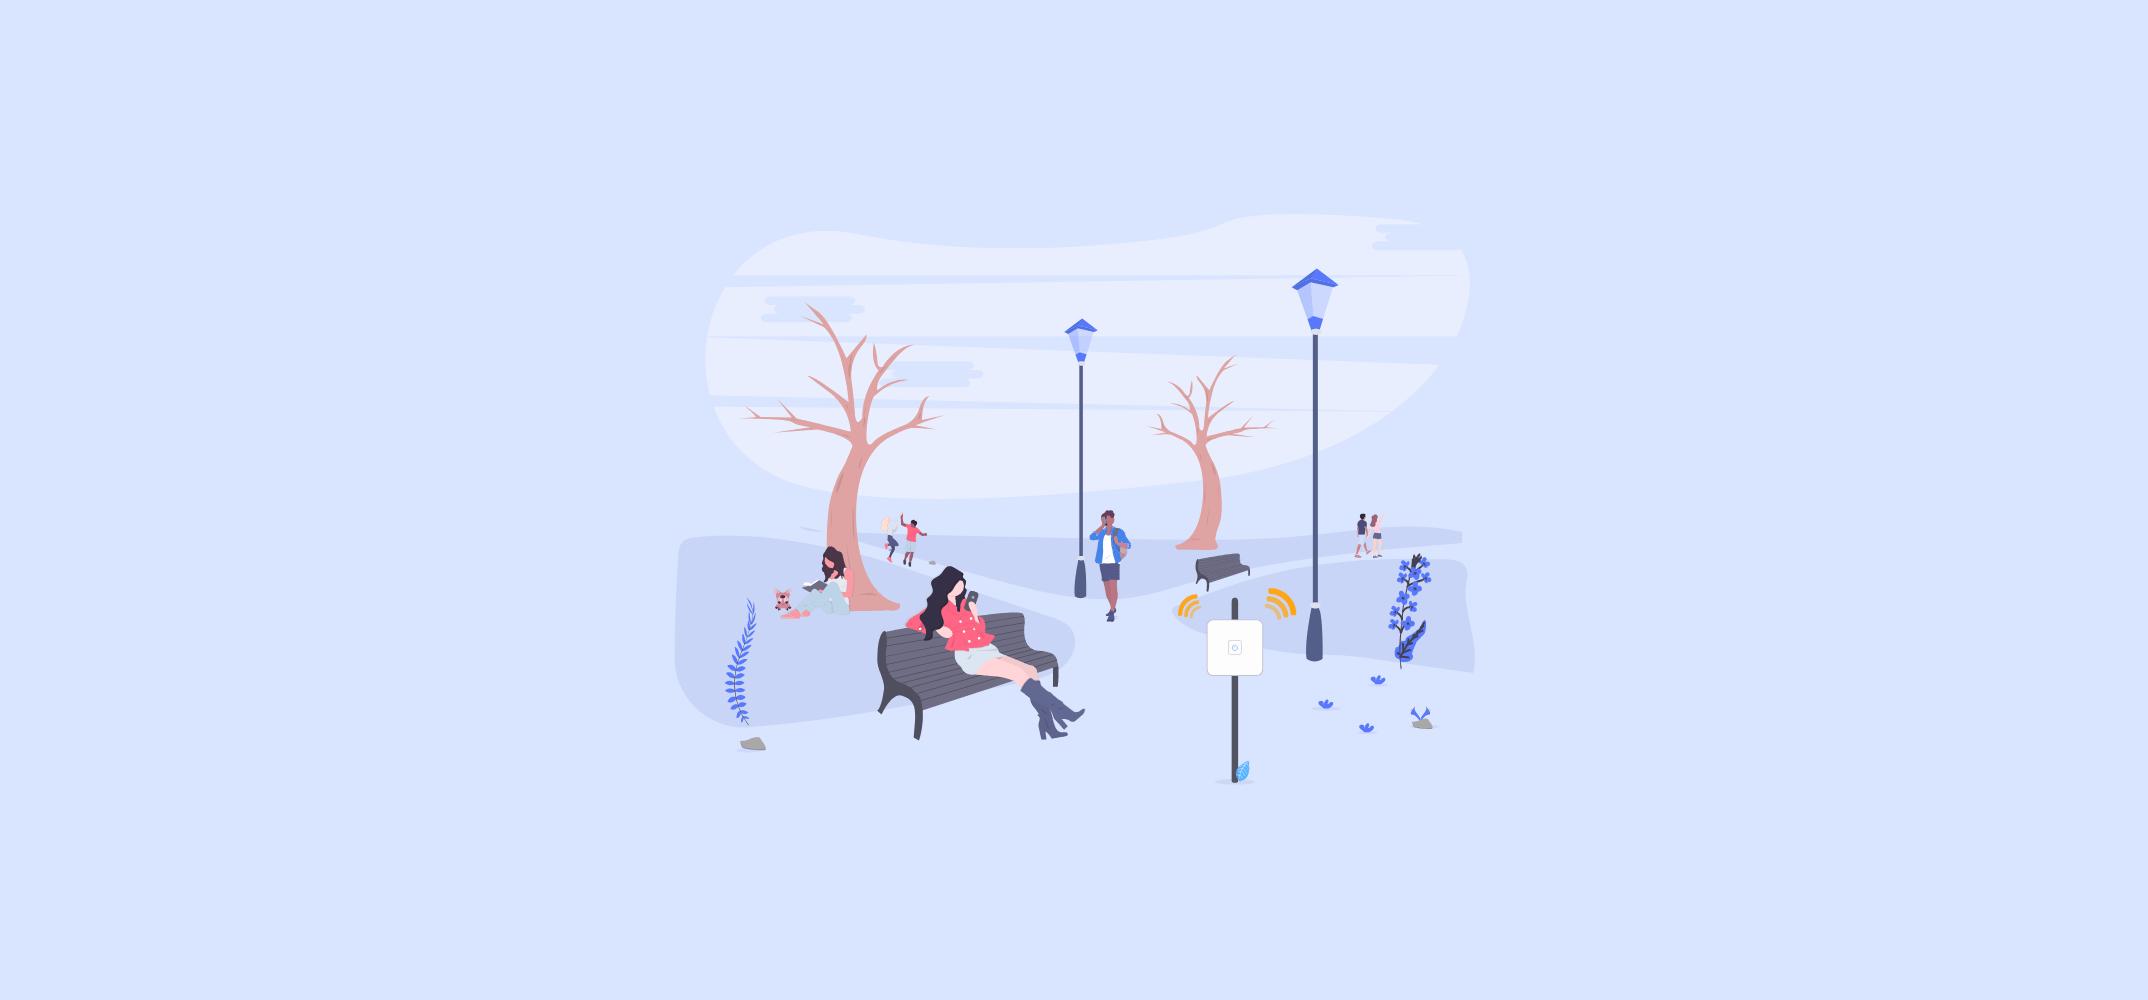 Общественный Wi-Fi с рекламой в парке